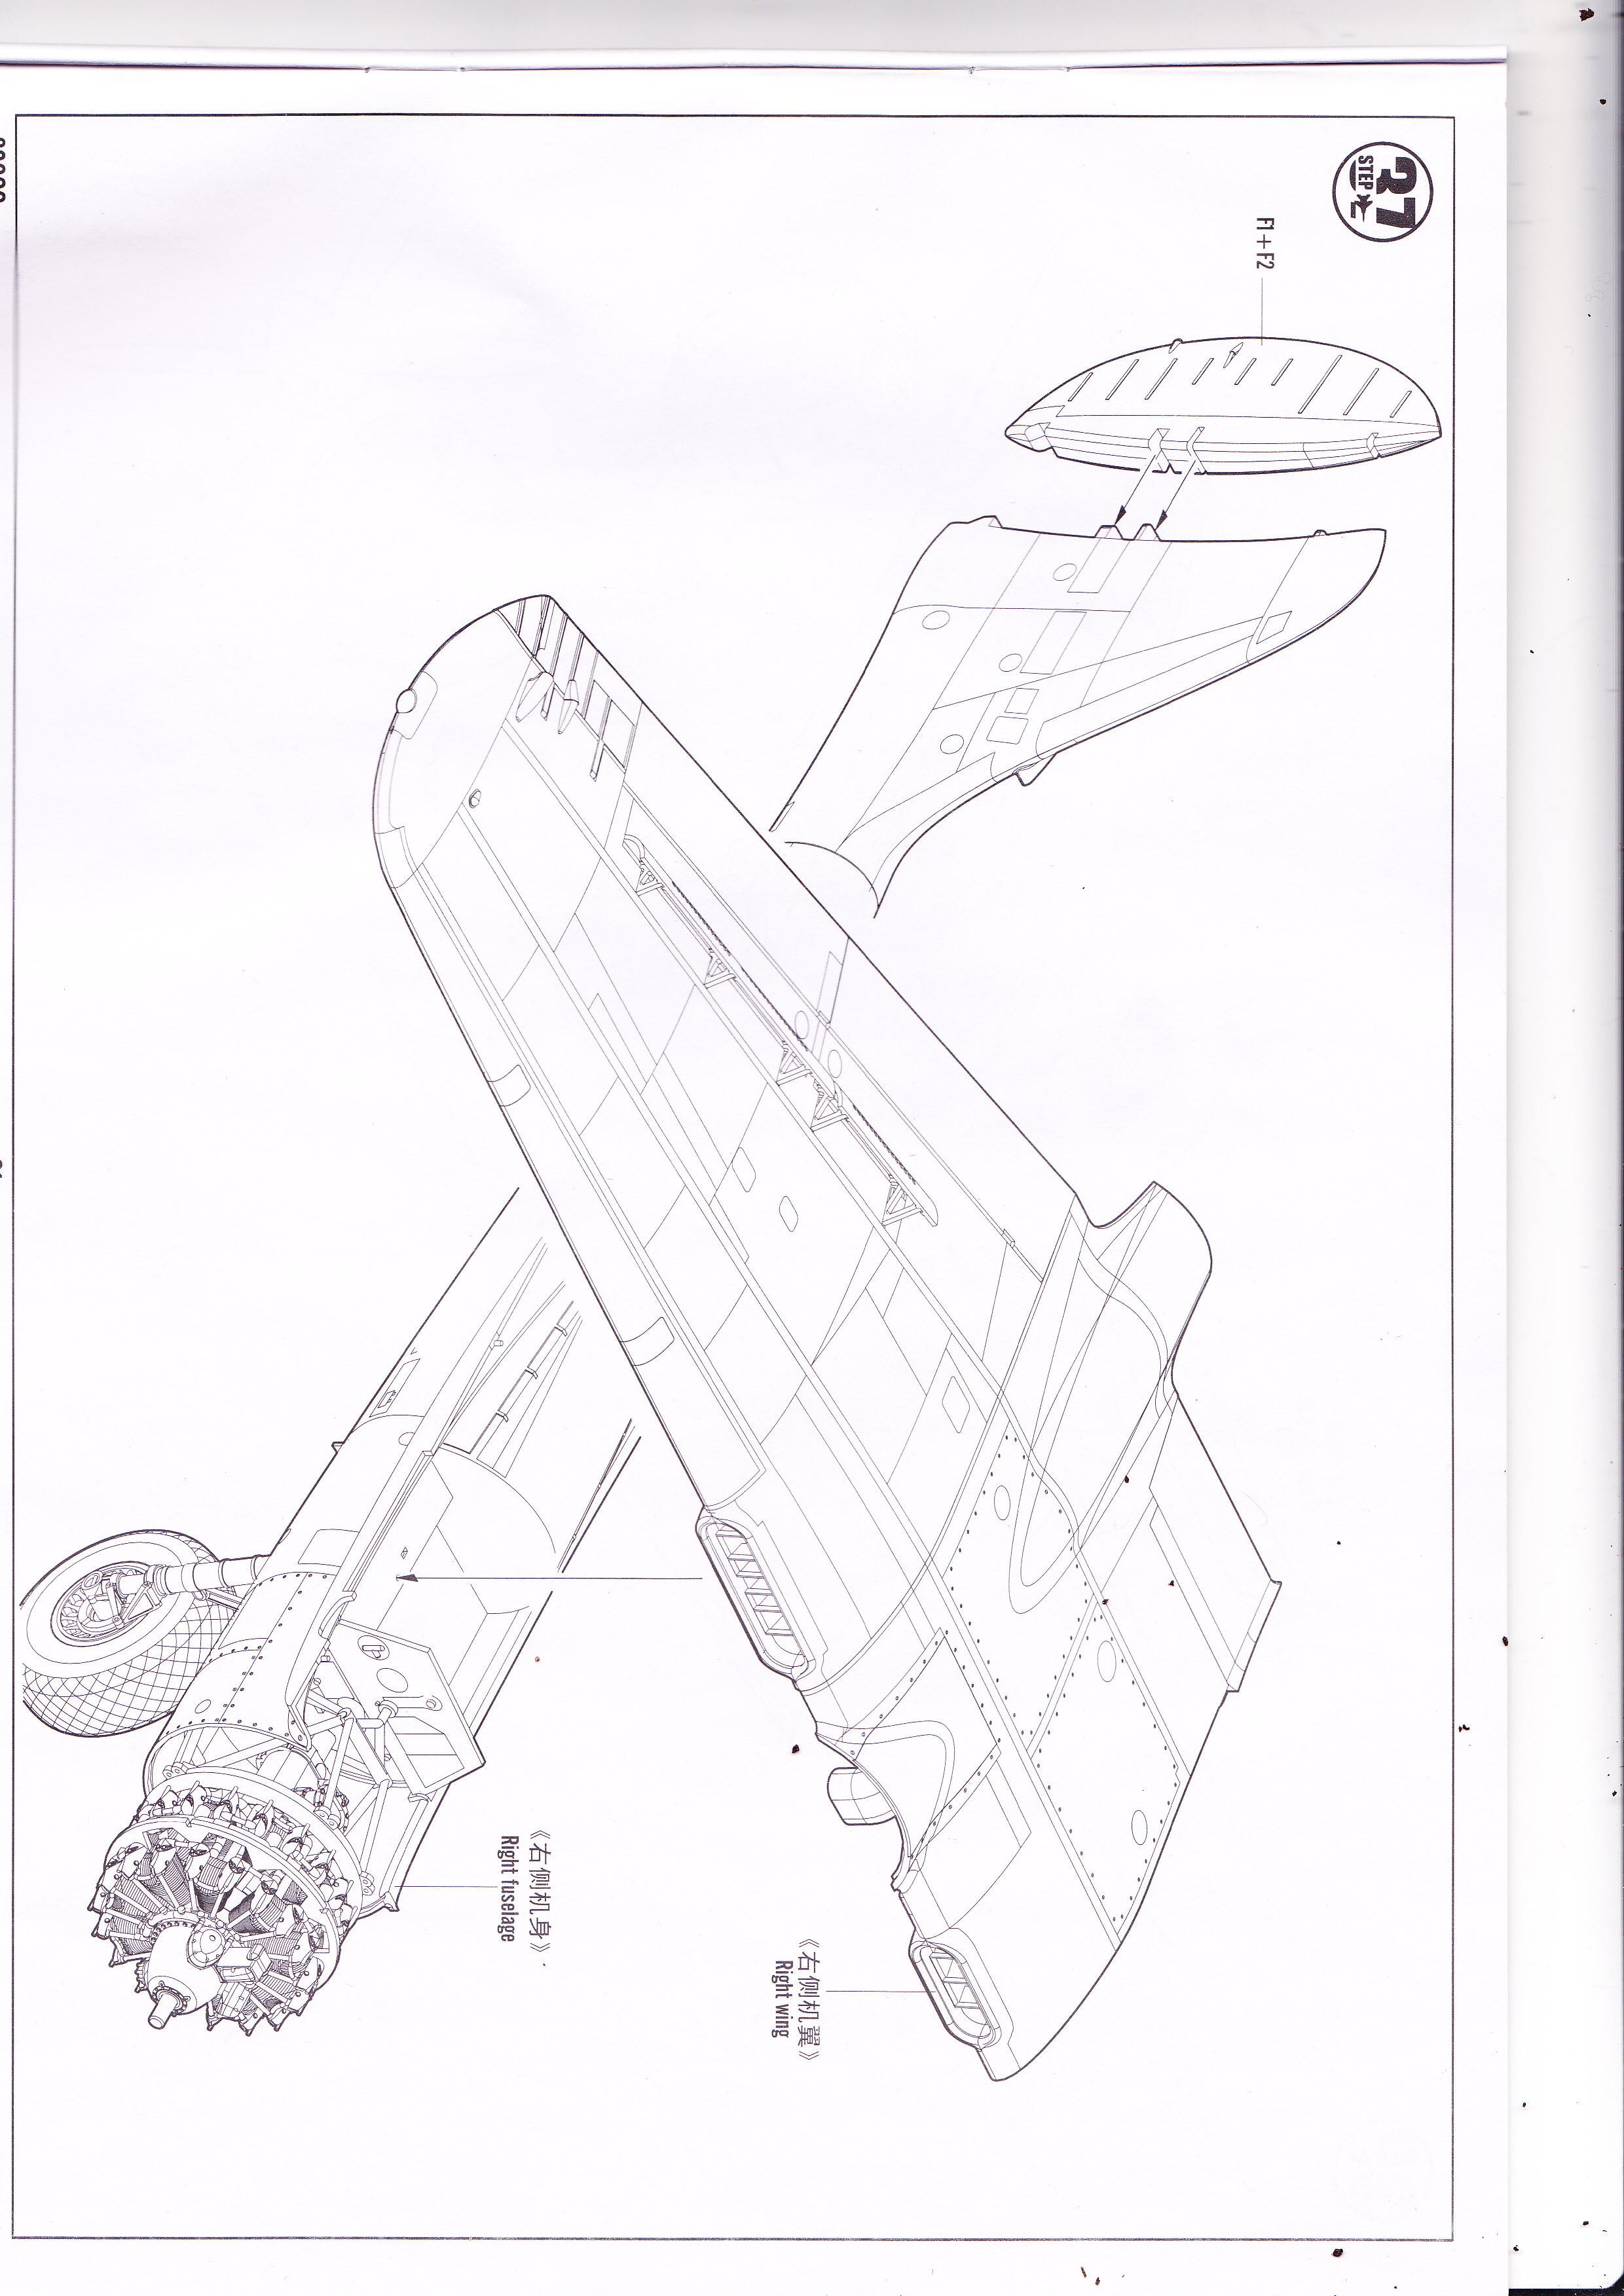 P-61 B Black Widow Hobby Boss Img0024oeo